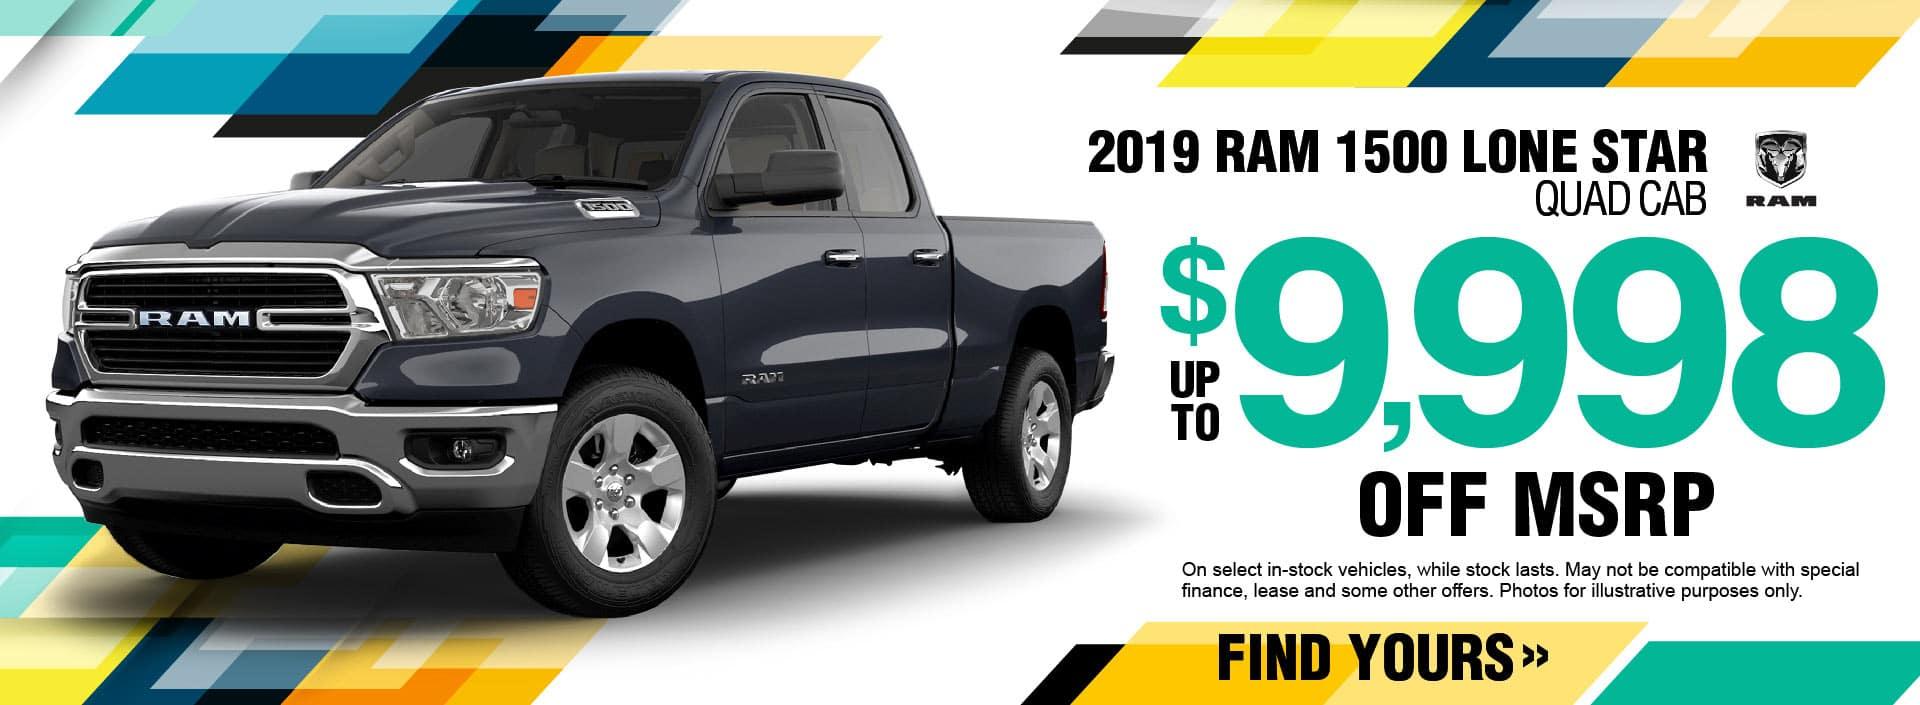 2019 RAM 1500 Quad Savings